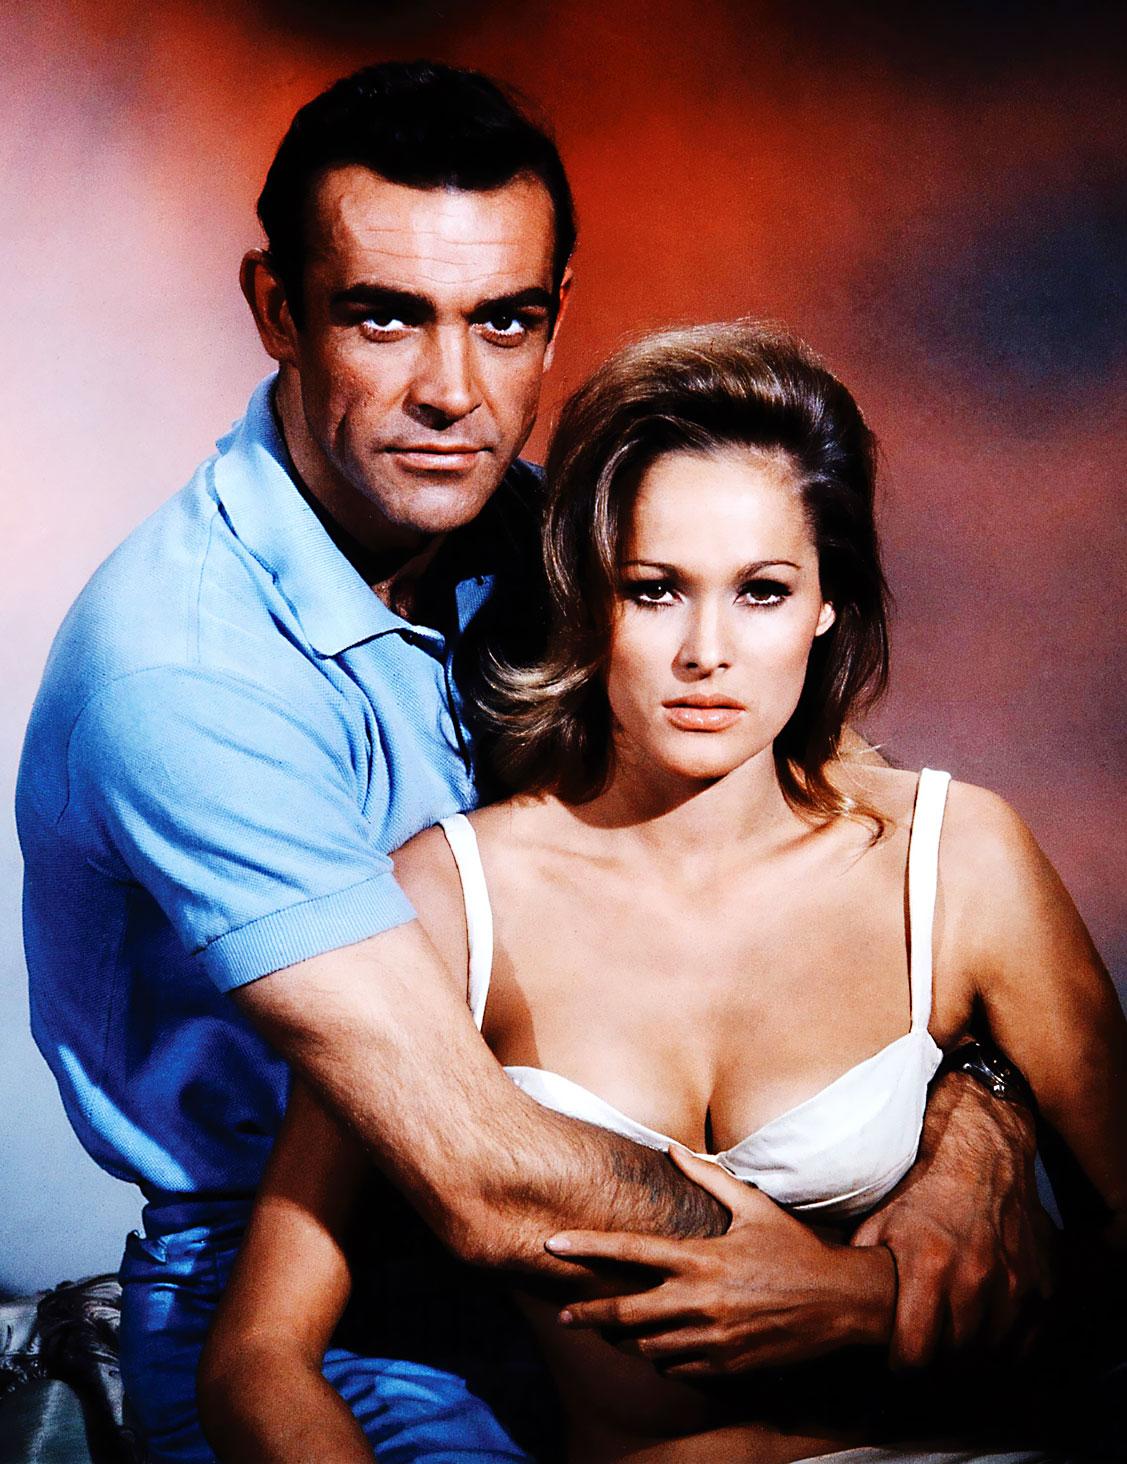 http://4.bp.blogspot.com/-NTSGEucTIkk/TfZFu8KI0QI/AAAAAAAAKgM/wiw4E3GeLhw/s1600/Sean-Connery-and-Ursula-Andres-Rolex-.jpg